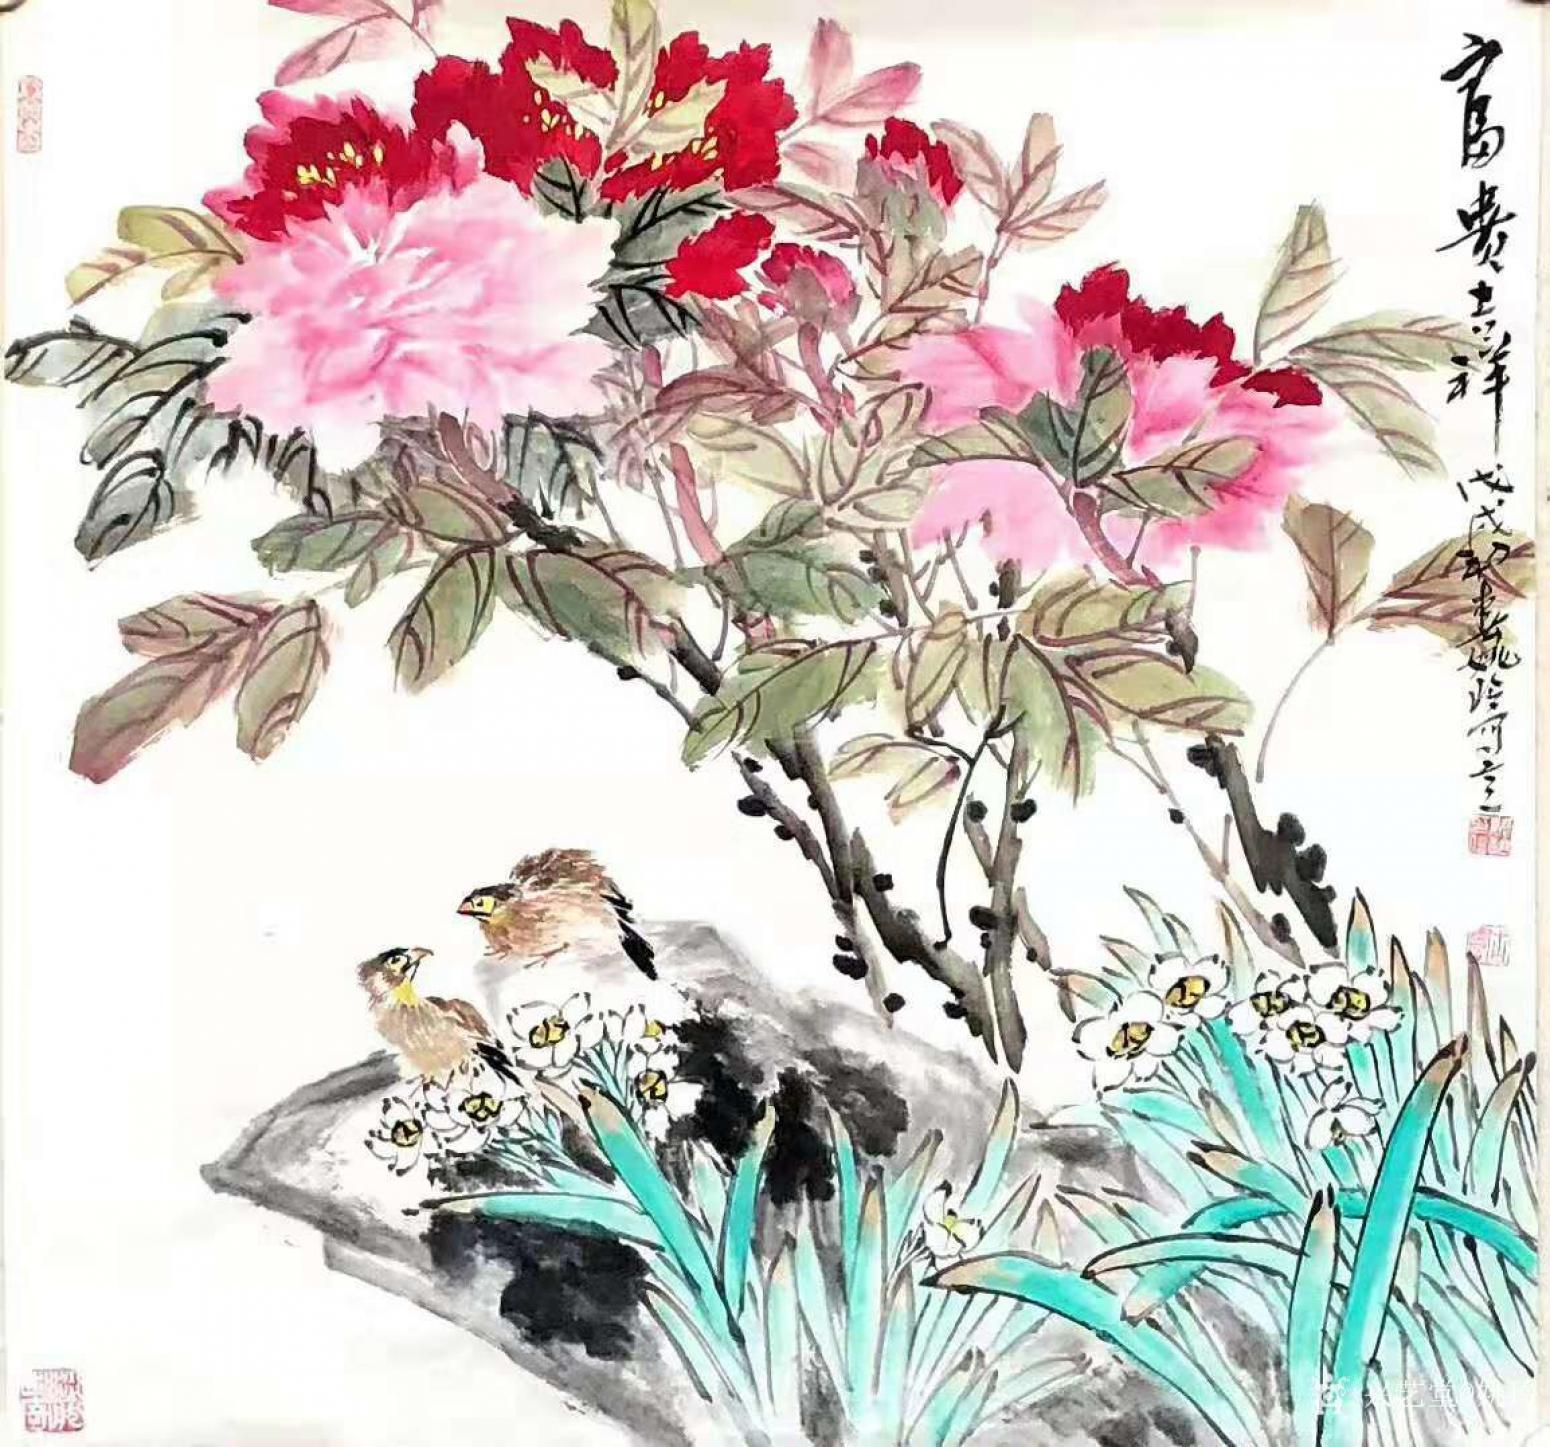 姚玲国画作品《牡丹花--富贵吉祥2》